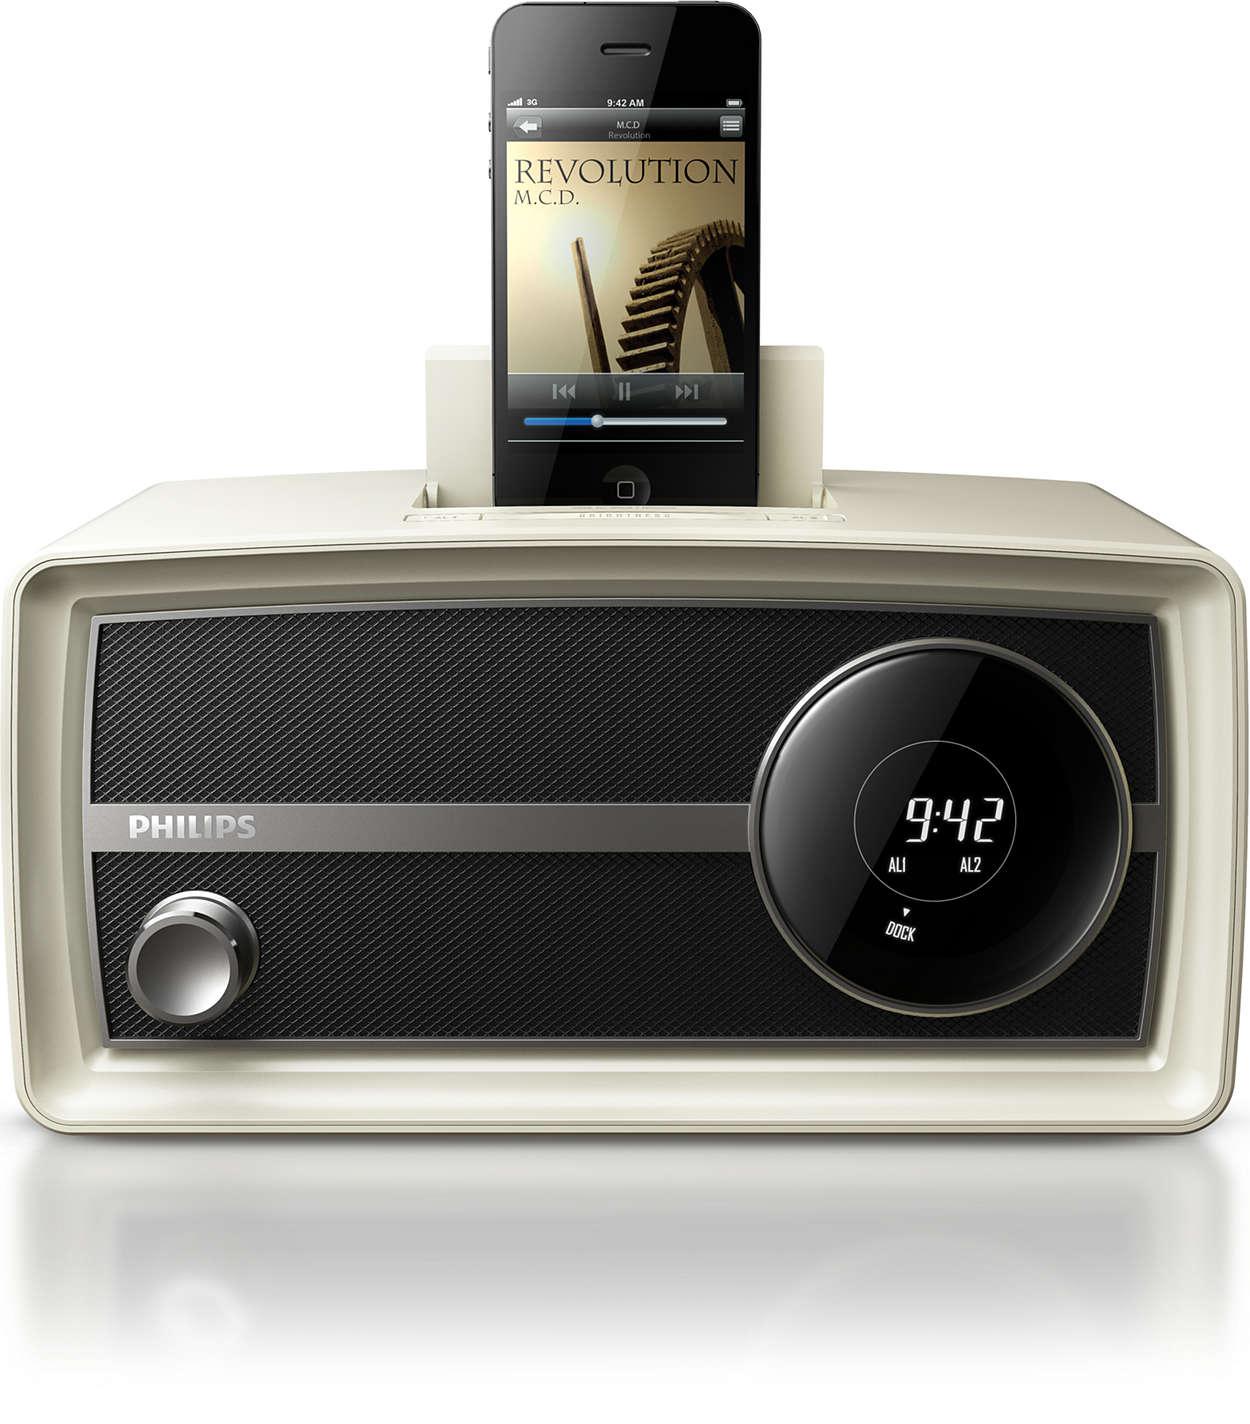 Setzen Sie Trends mit dem Original-Radio im Miniformat